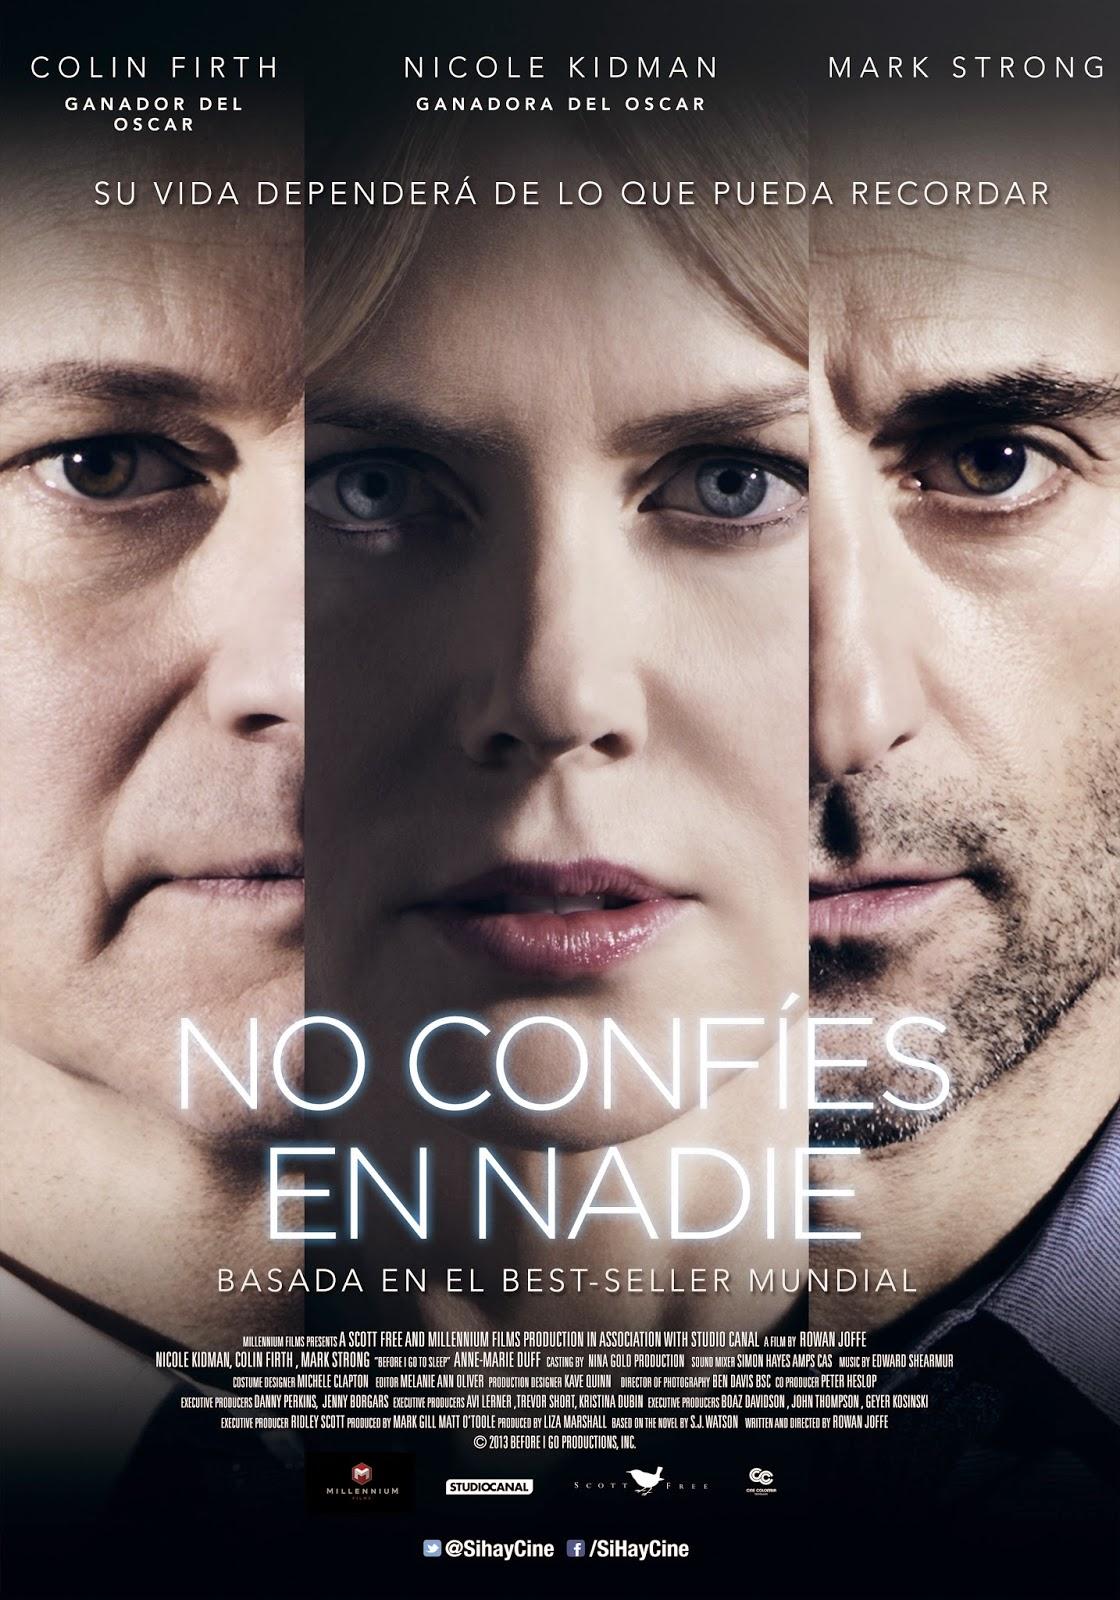 NO-CONFÍES-EN-NADIE